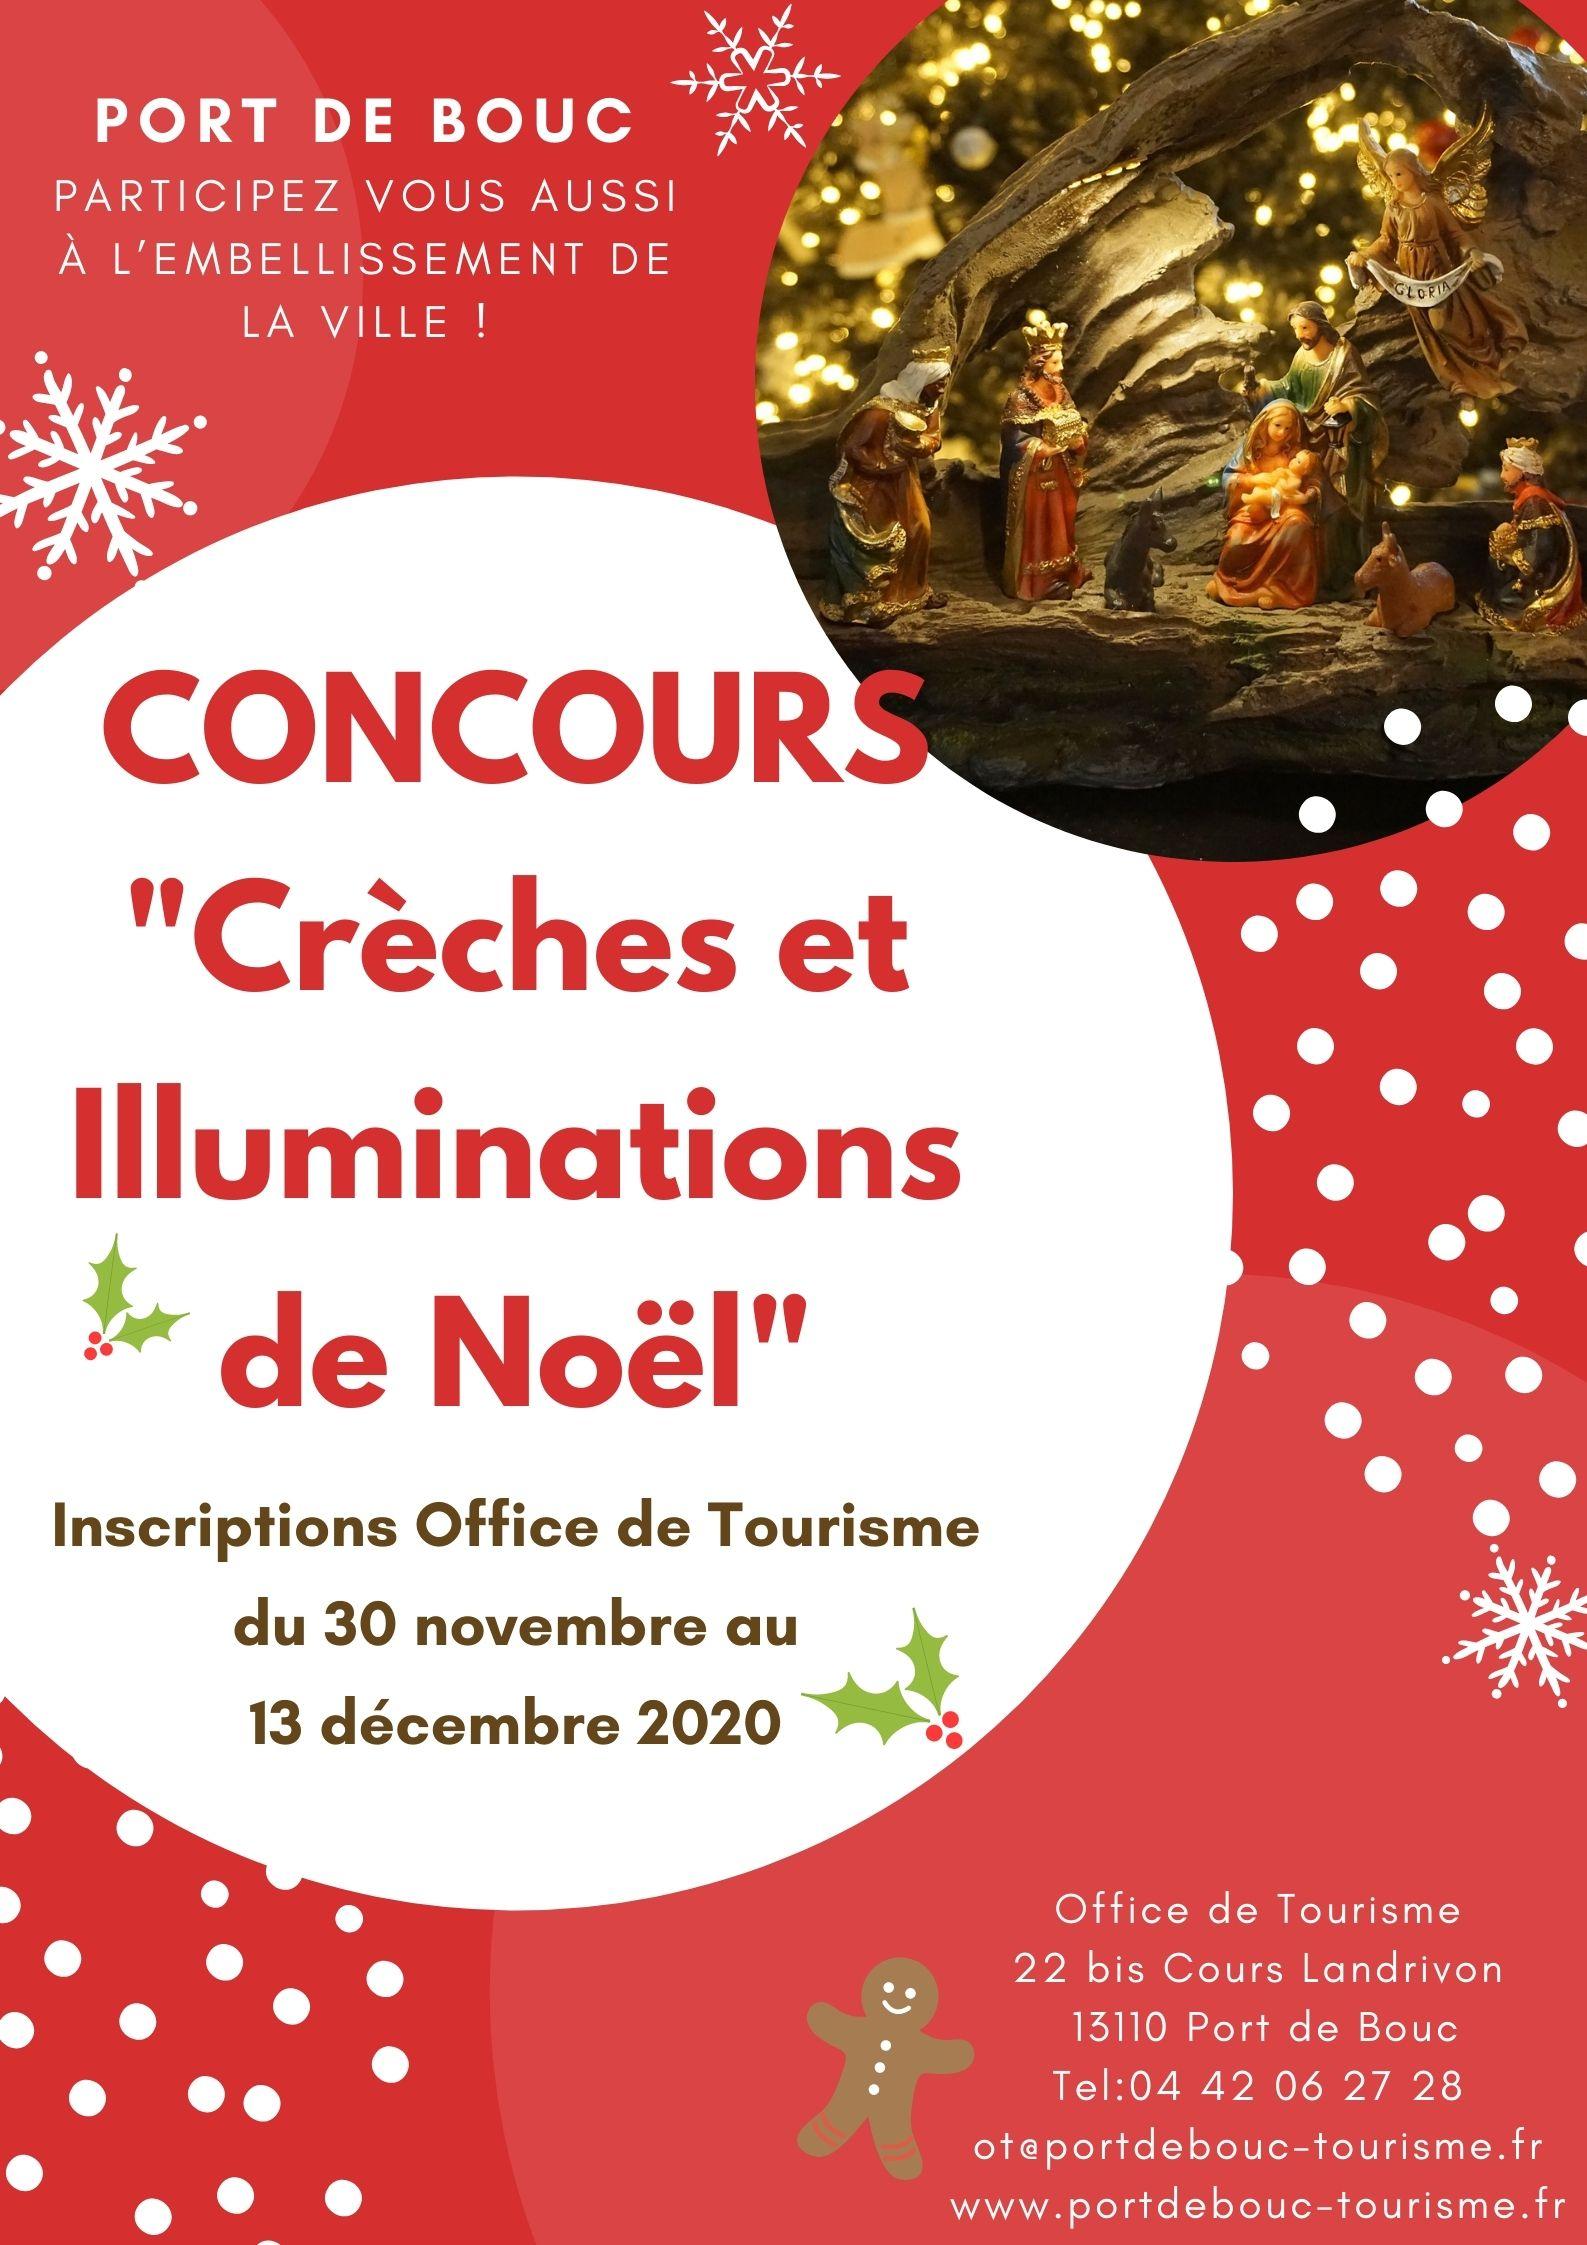 Affiche concours crèches et illuminations de noël